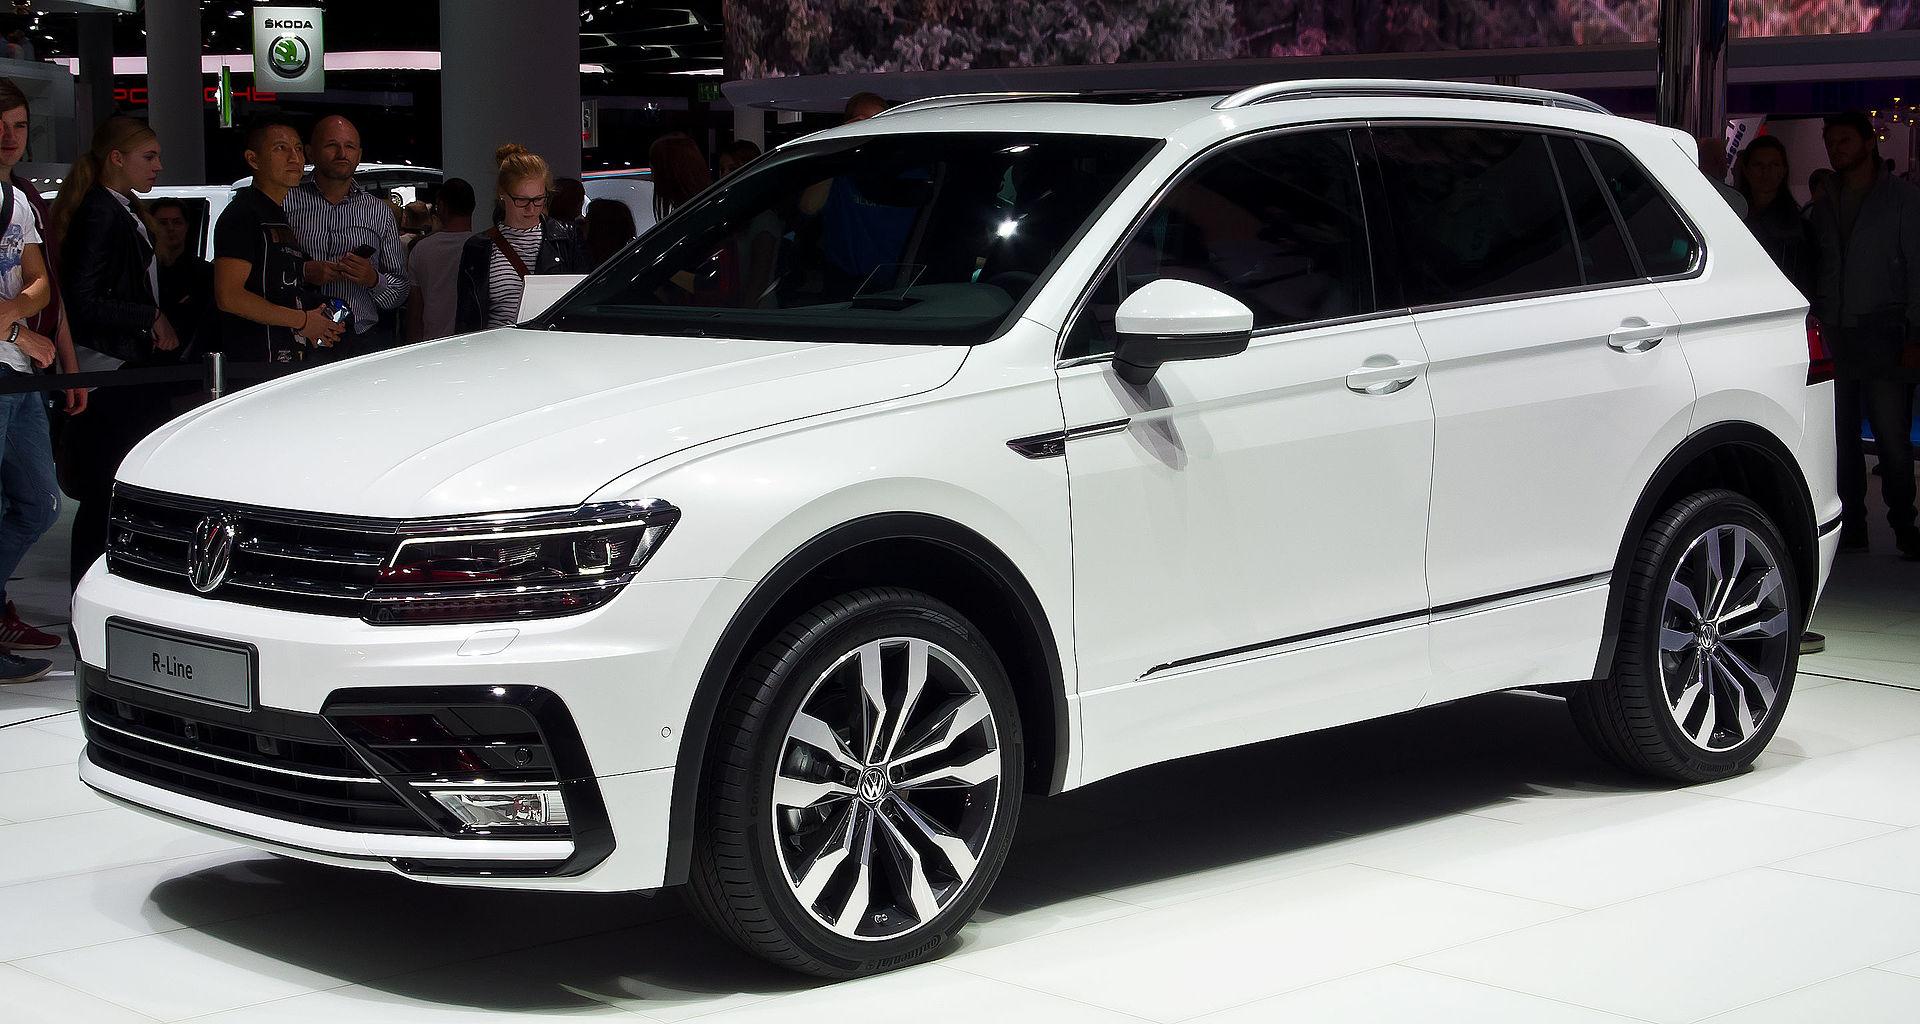 Volkswagen Tiguan - Wikipedia